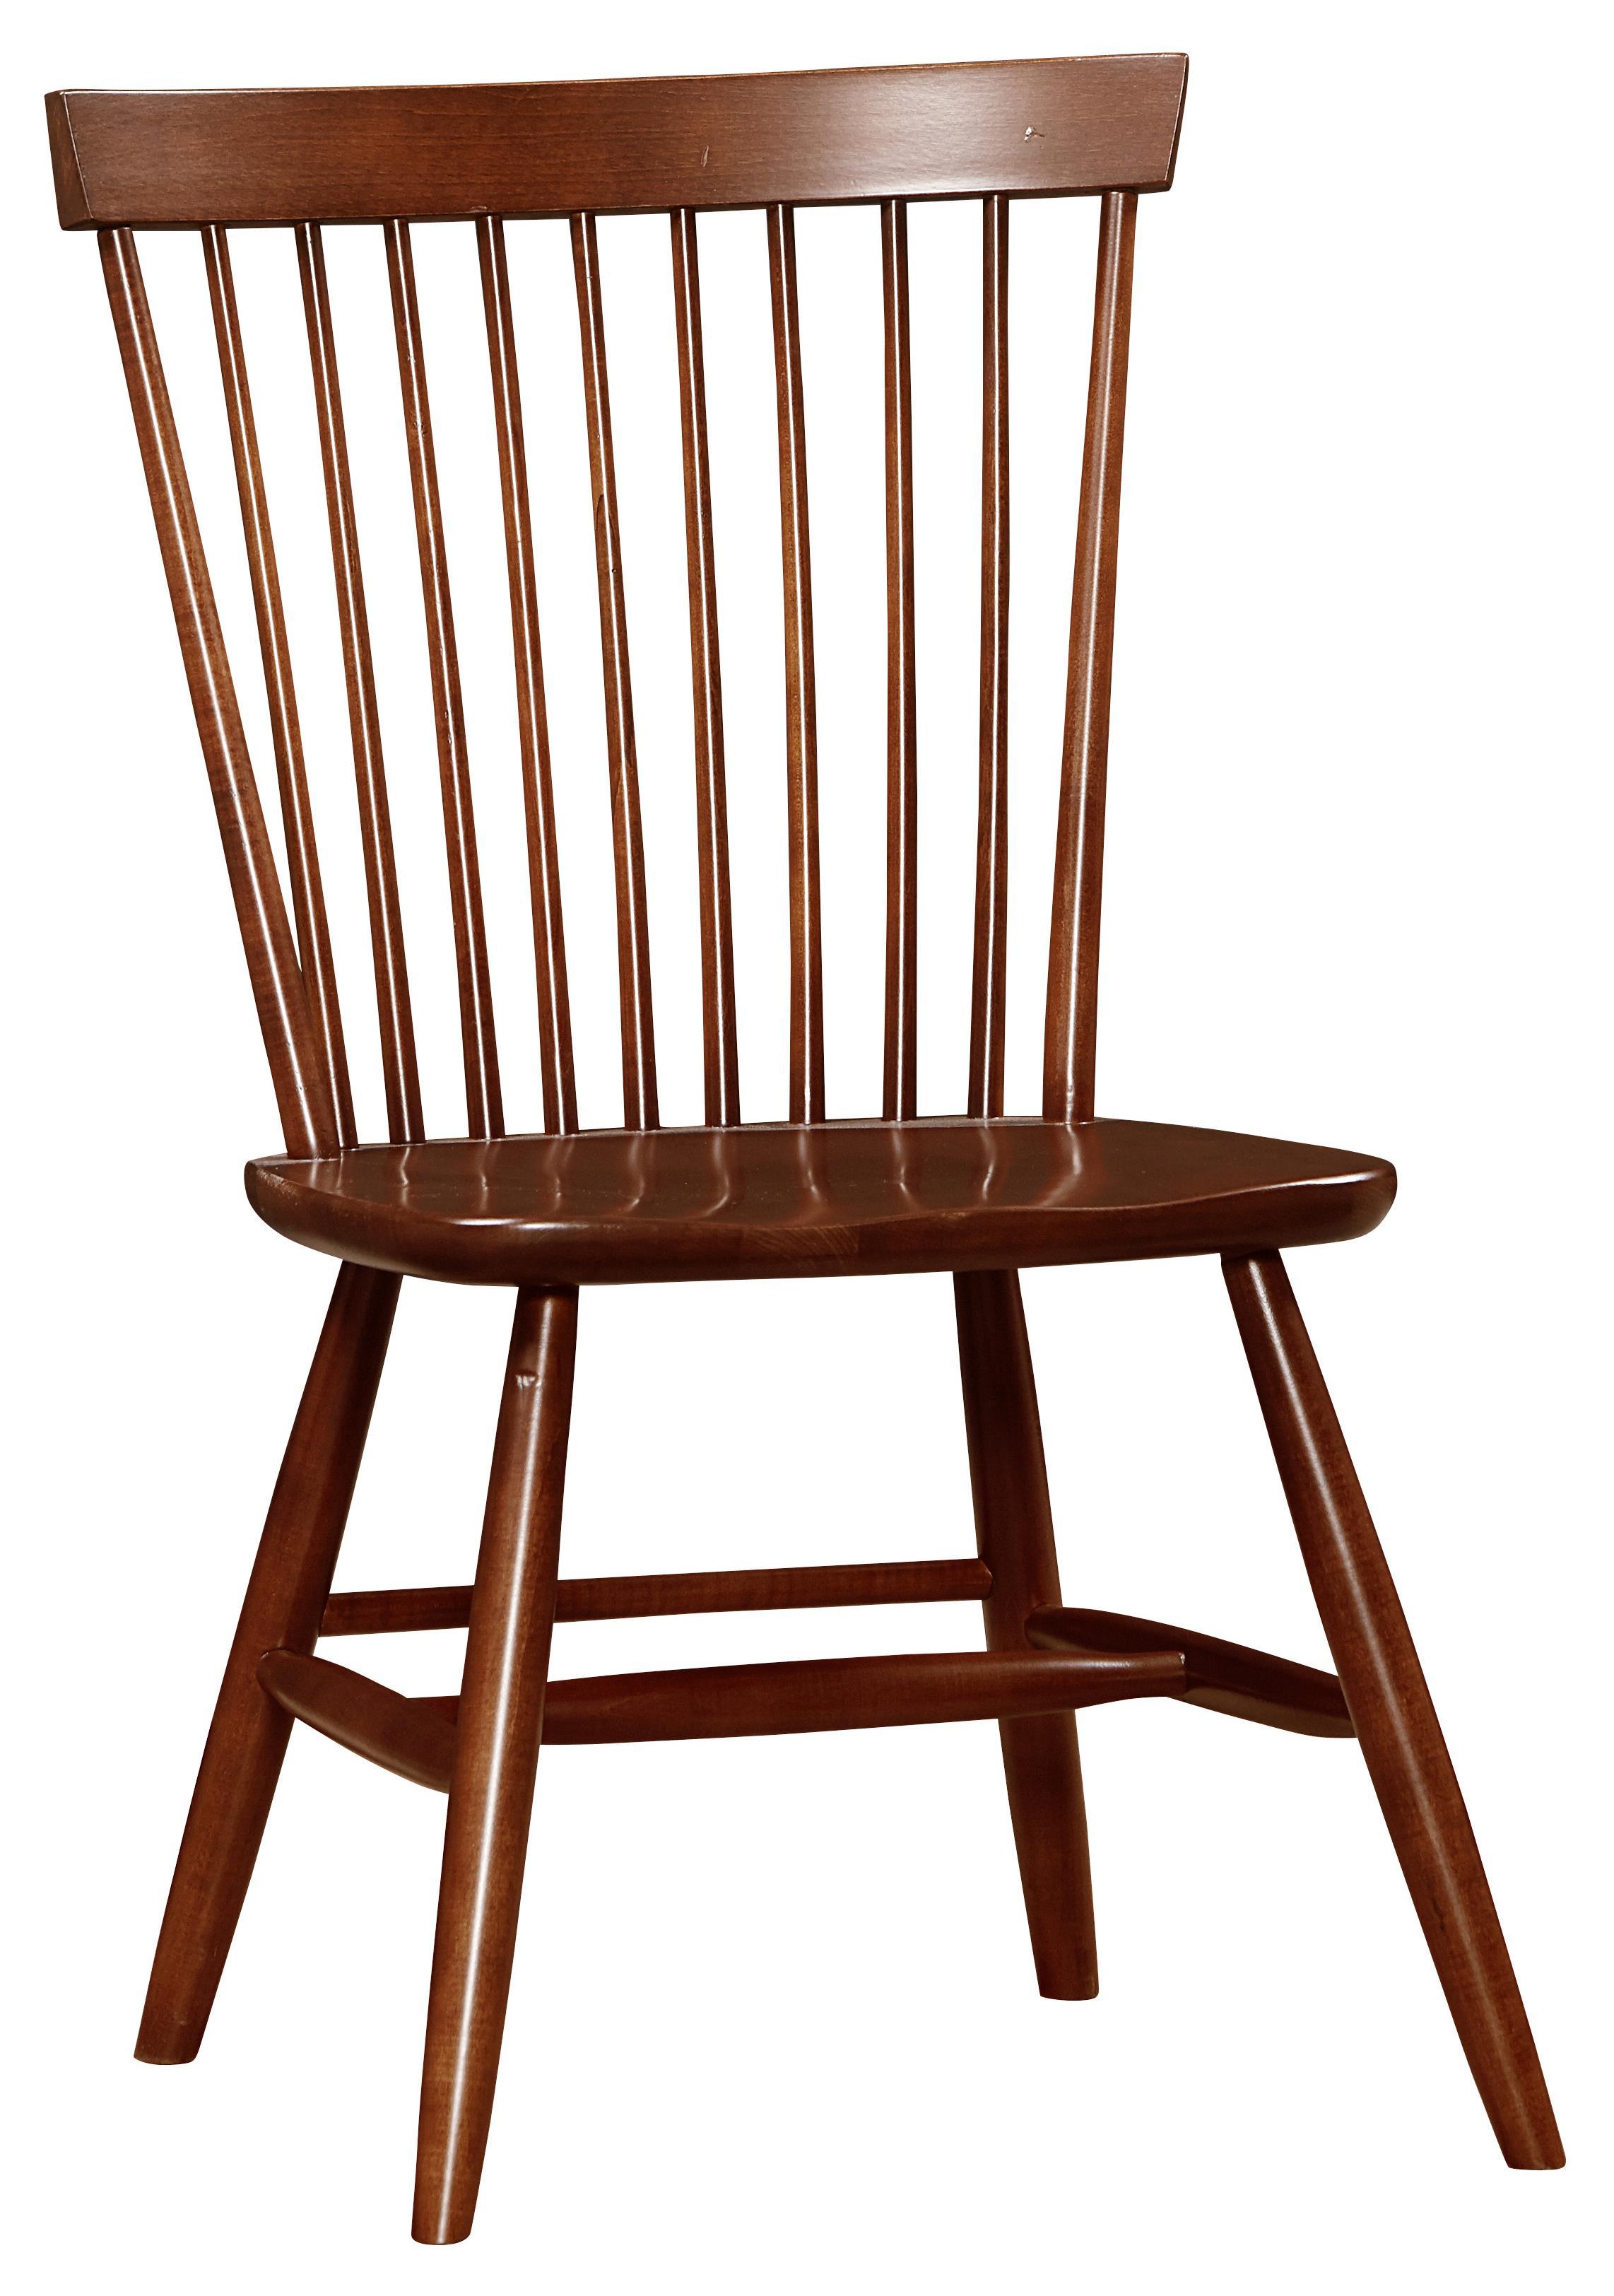 Bonanza Desk Chair by Vaughan Bassett at Northeast Factory Direct